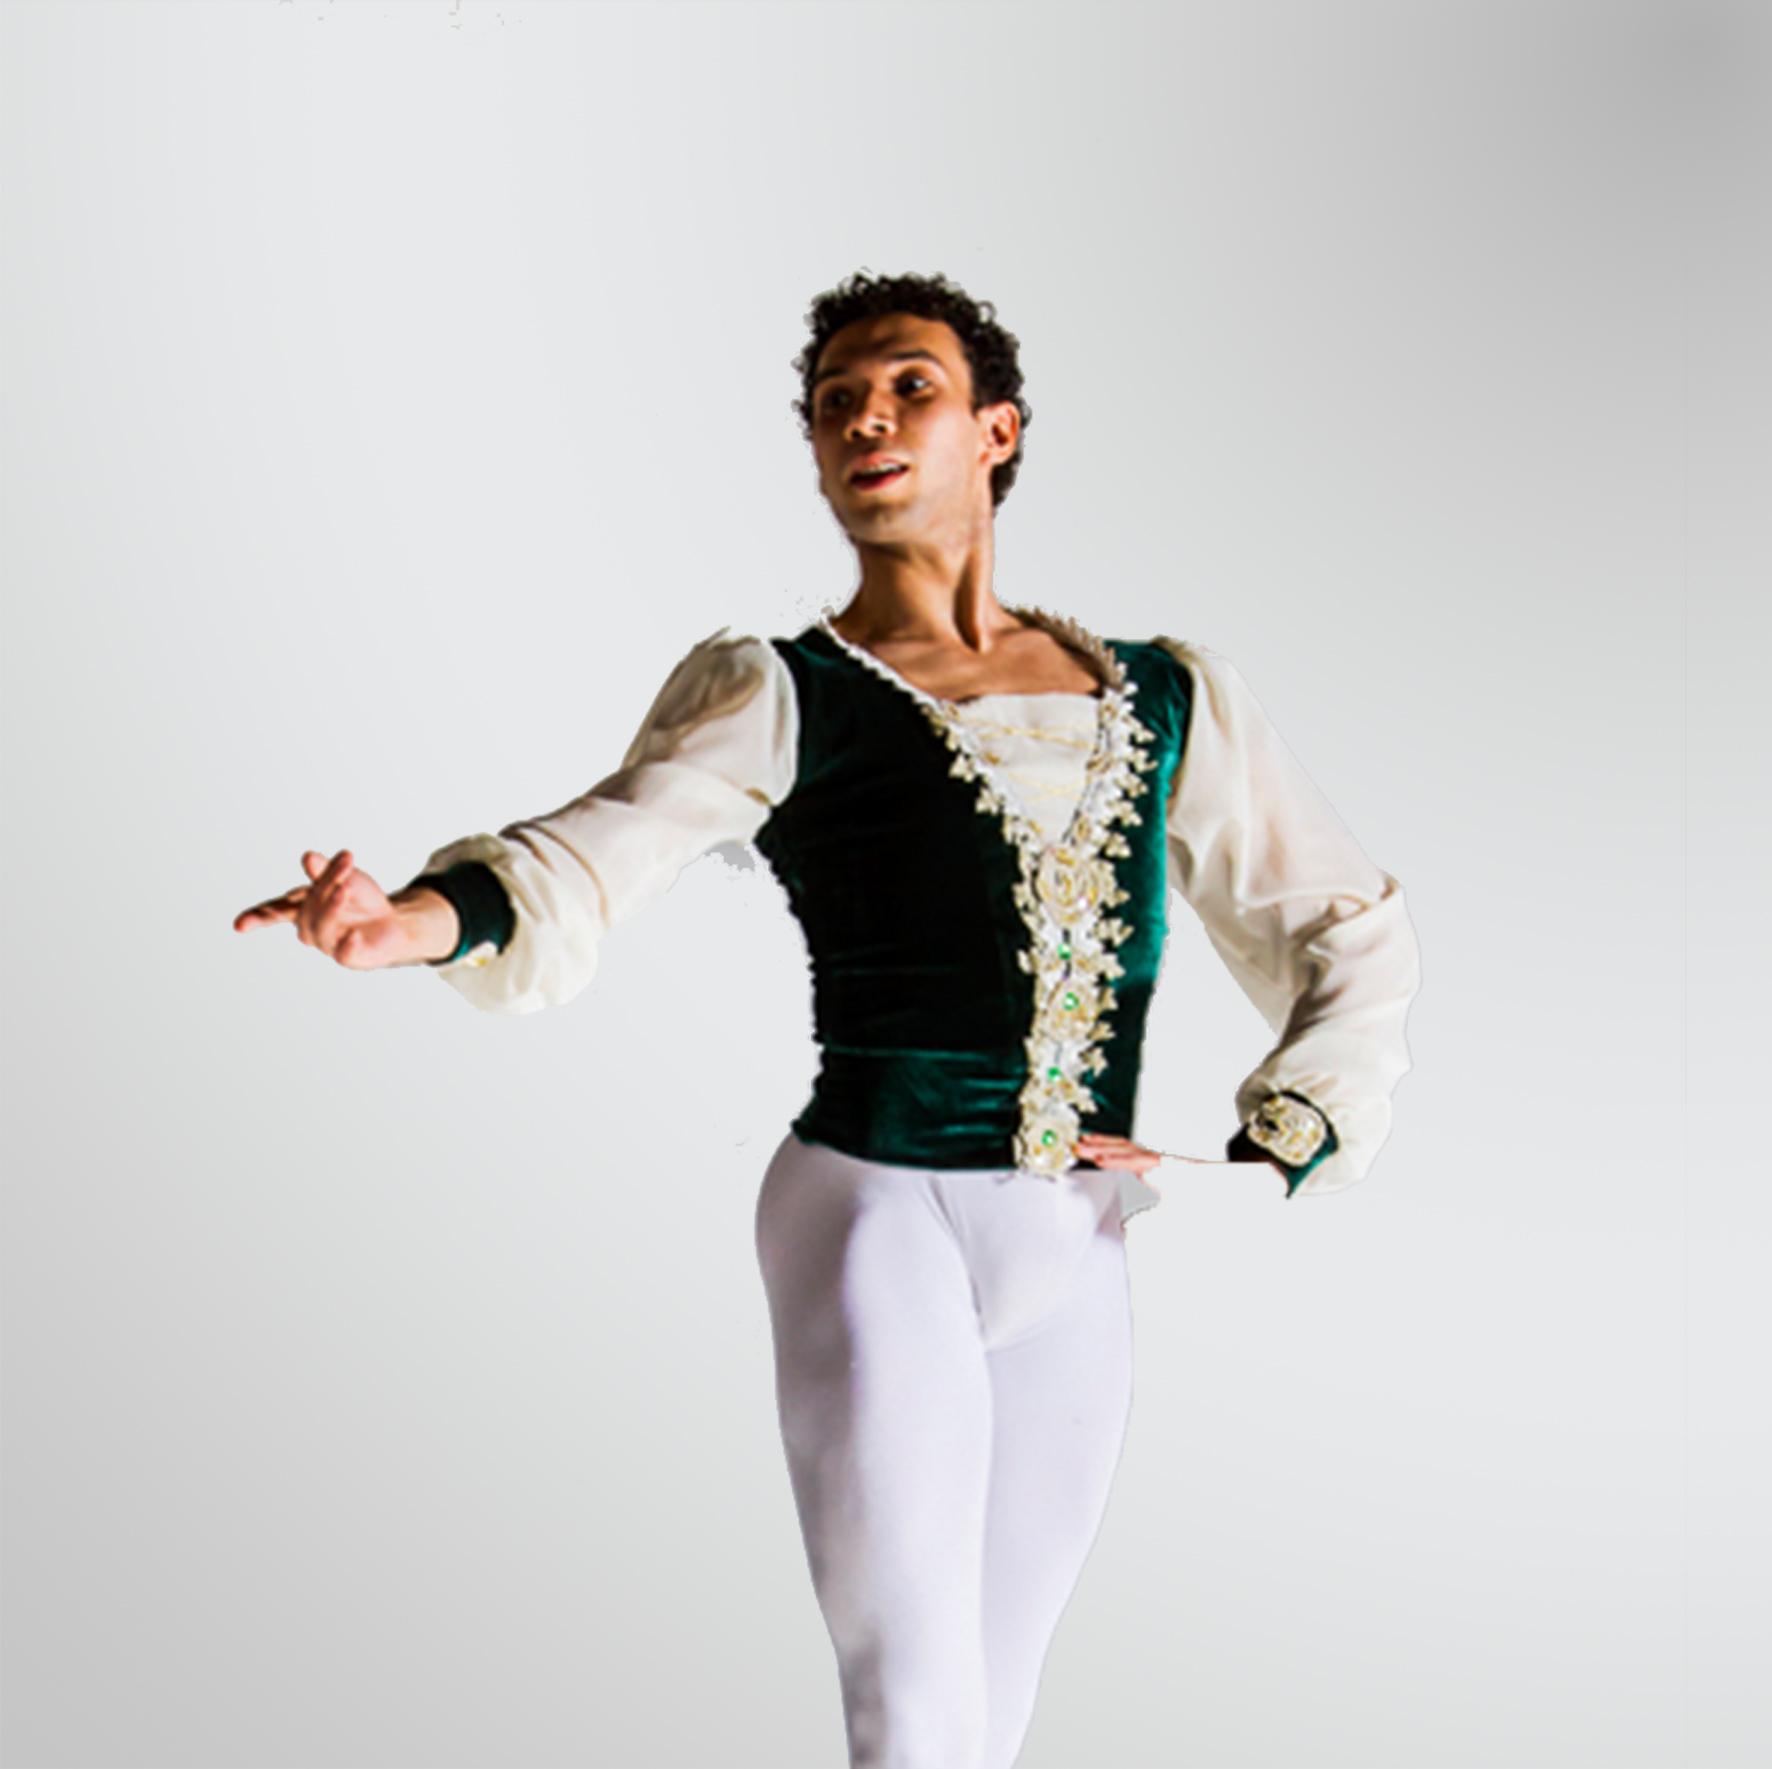 Alyson Gomes